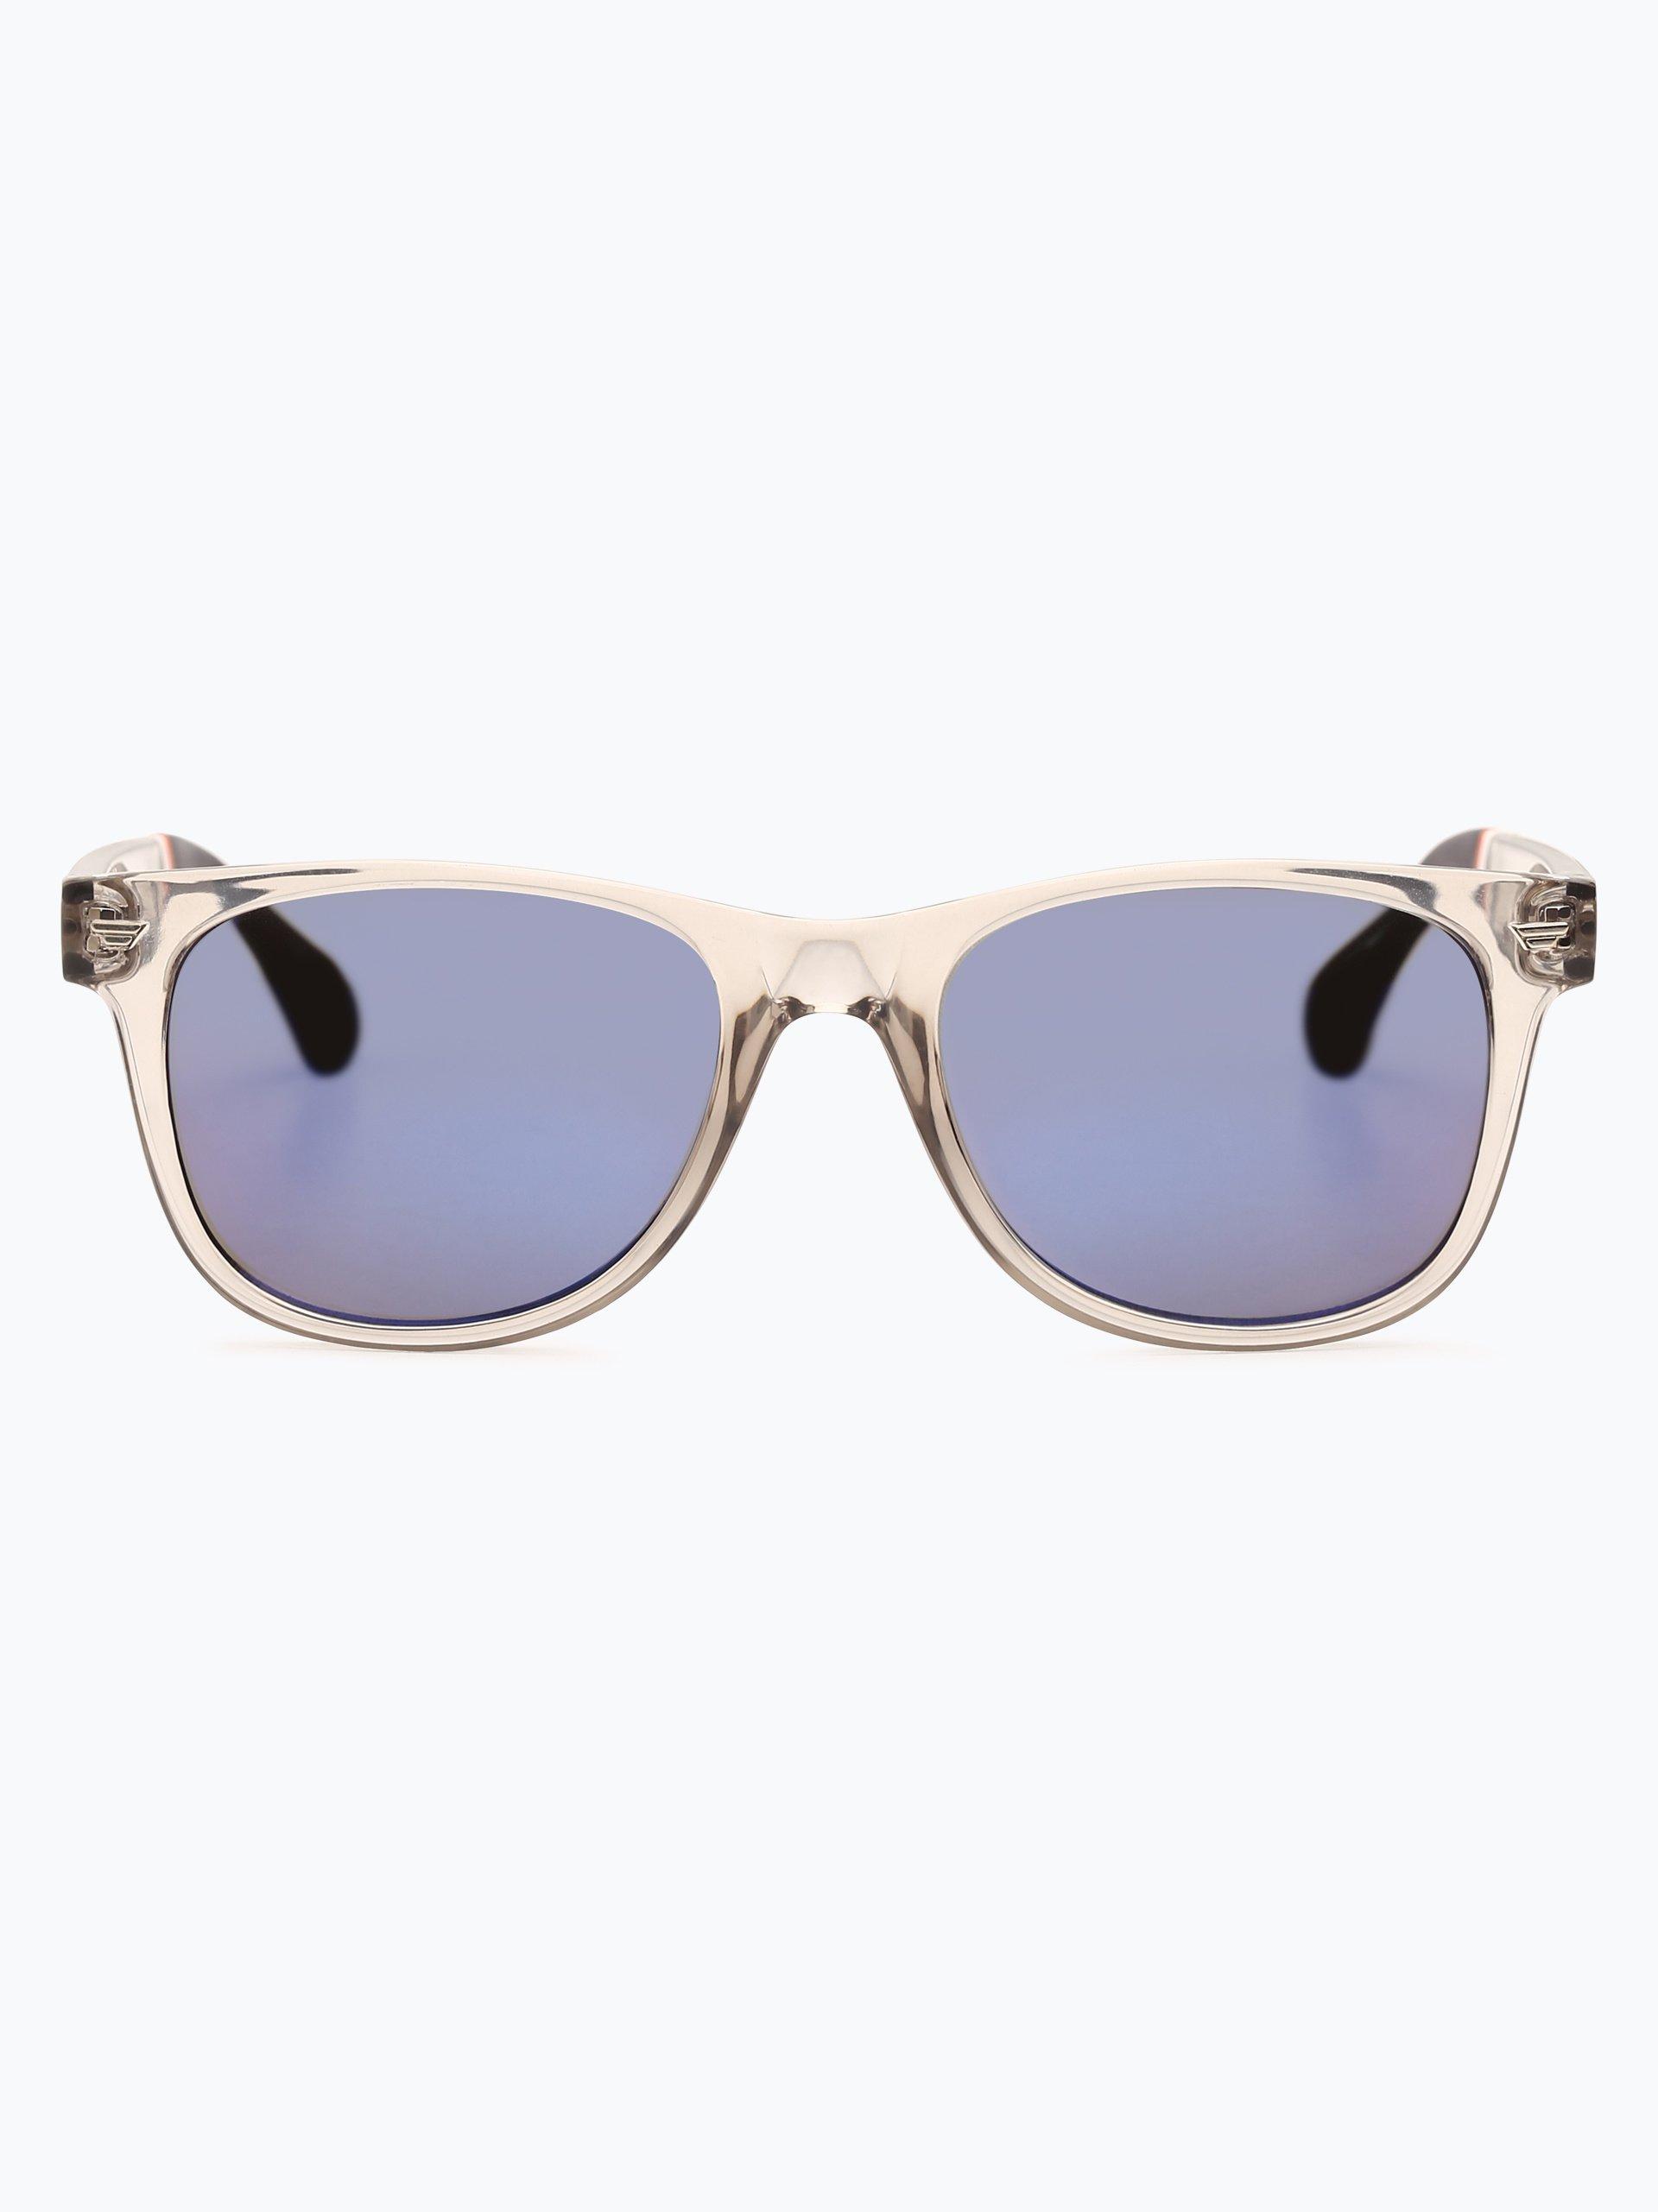 superdry sonnenbrille sdr superfarer silber grau uni. Black Bedroom Furniture Sets. Home Design Ideas